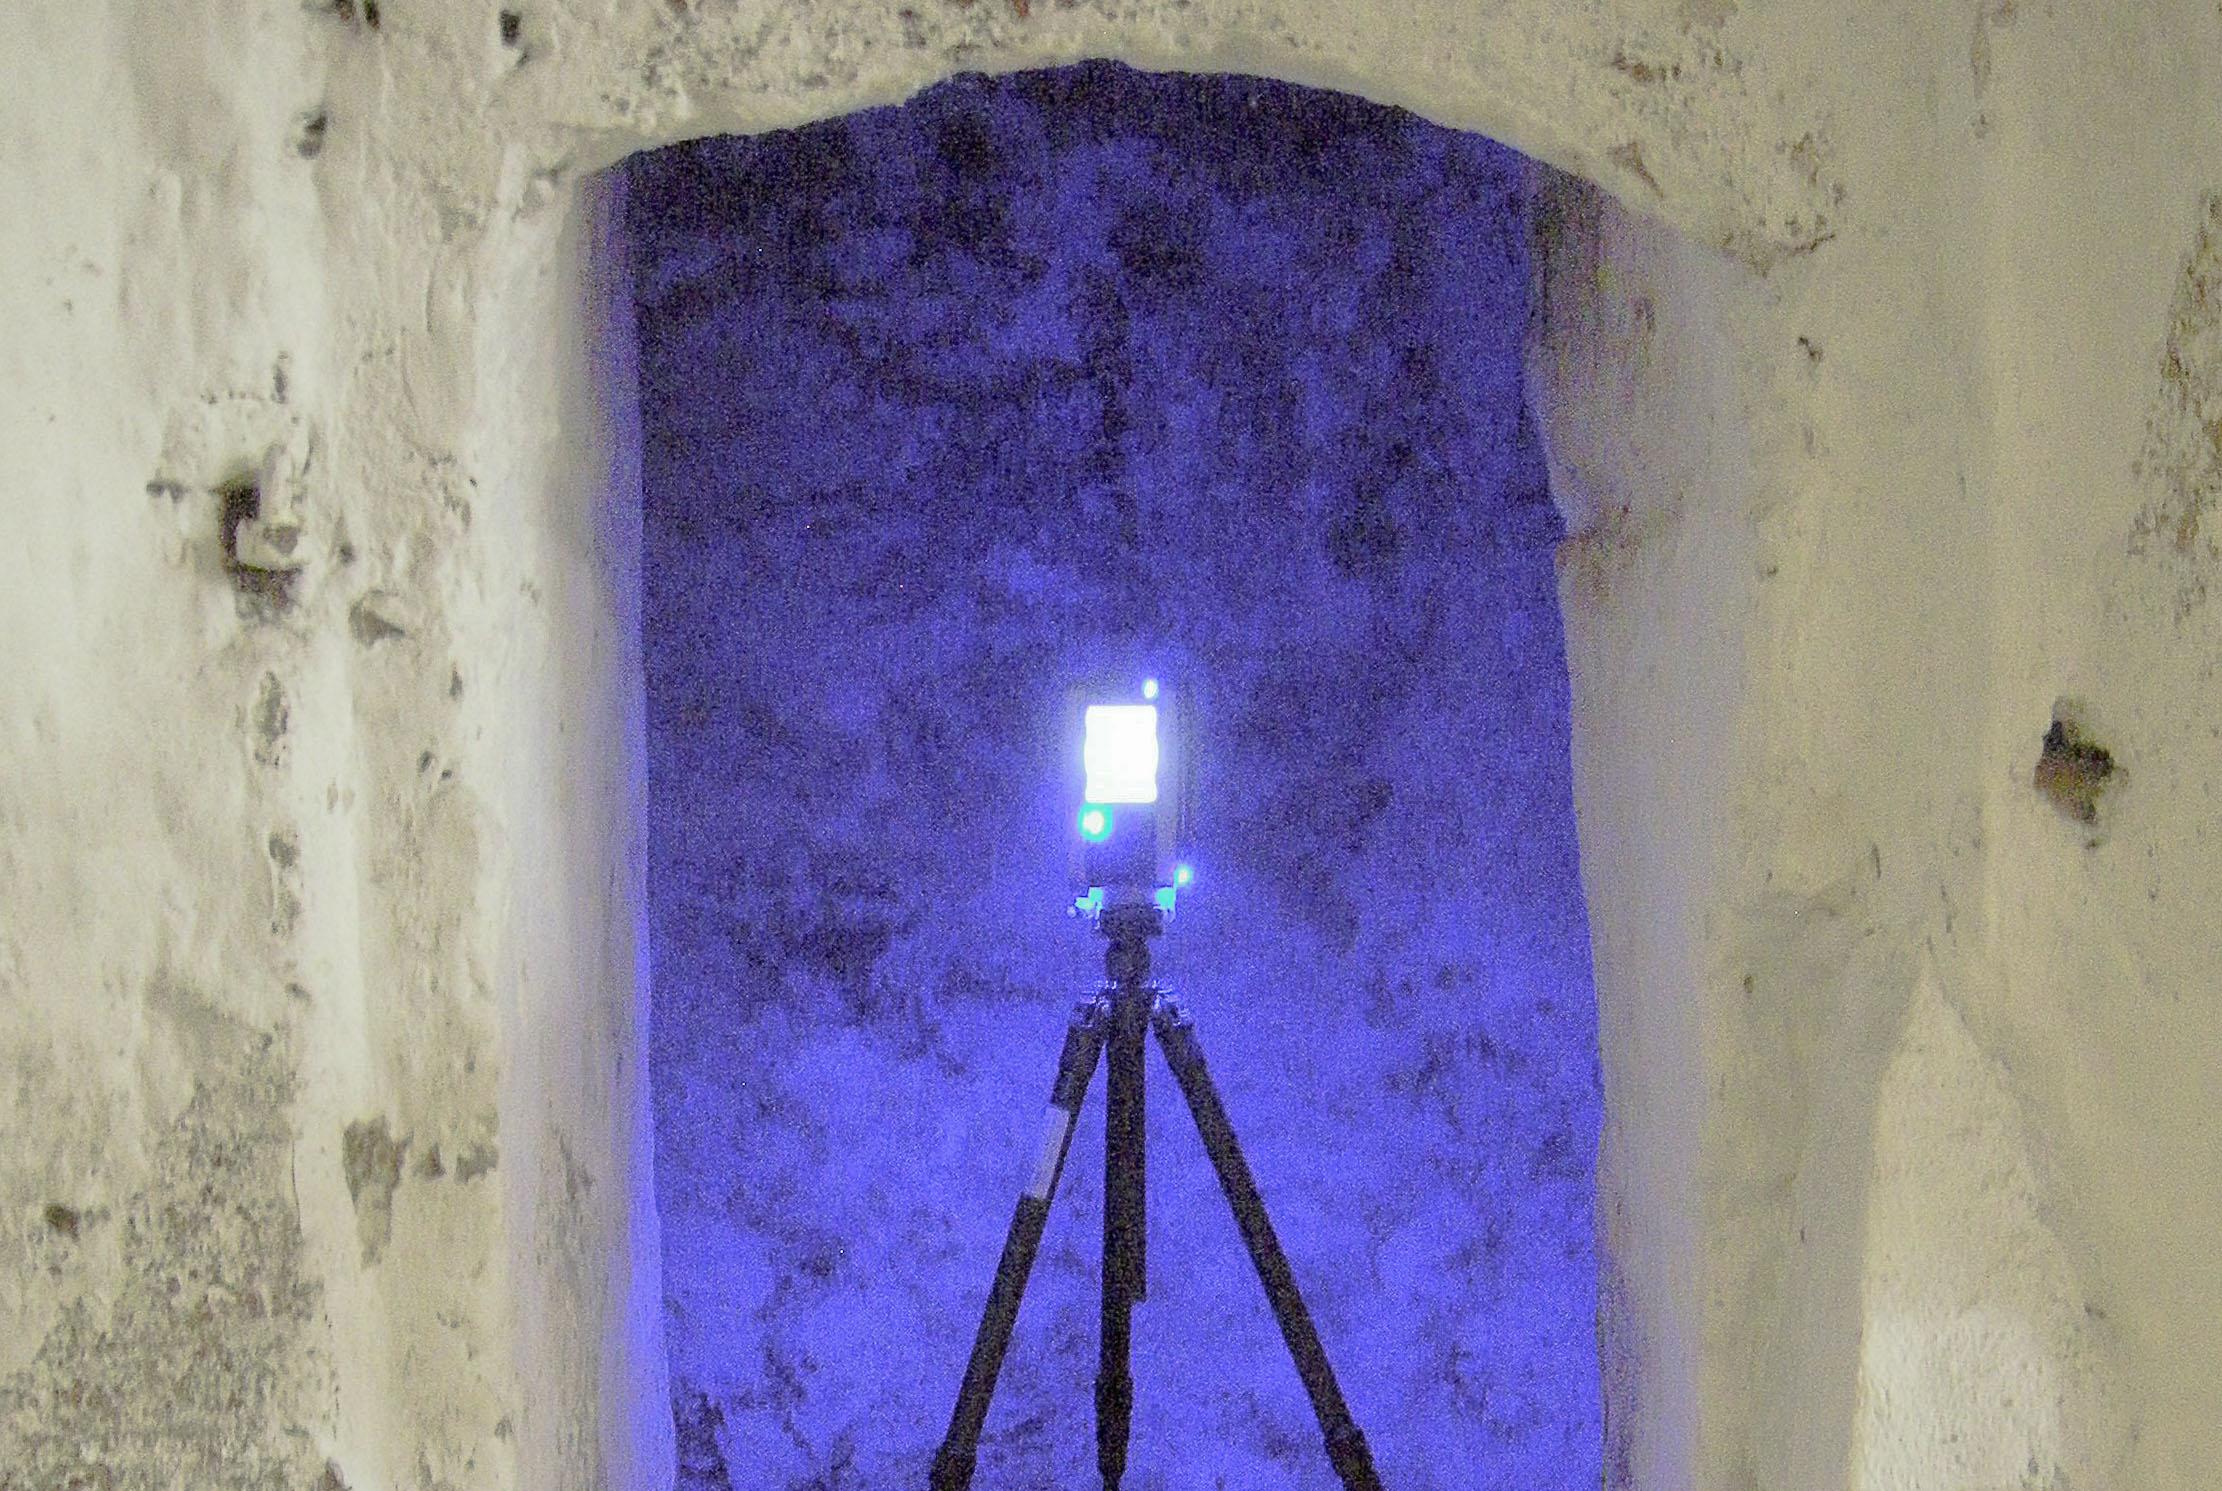 3D-Rundum-Laserscanner in Aktion